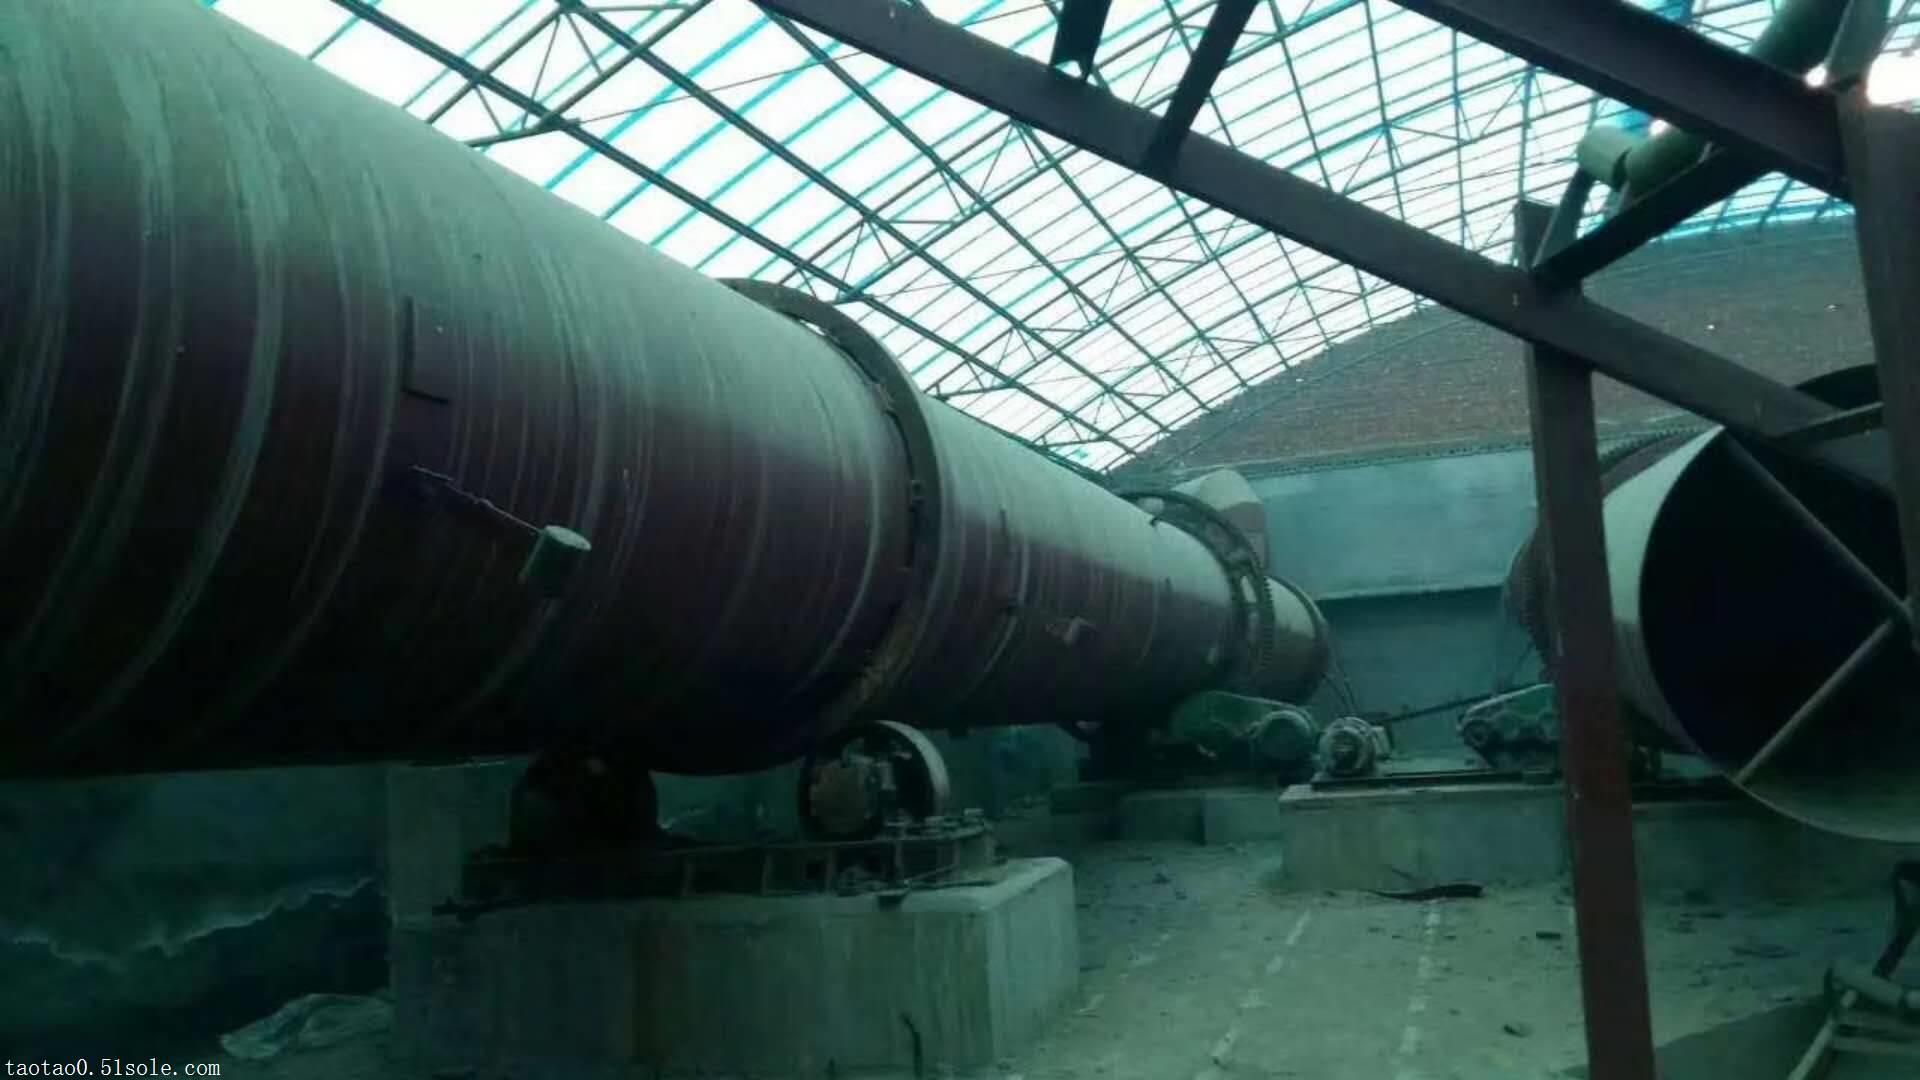 河北化工厂搬迁处理二手滚筒干燥机二手三筒干燥机